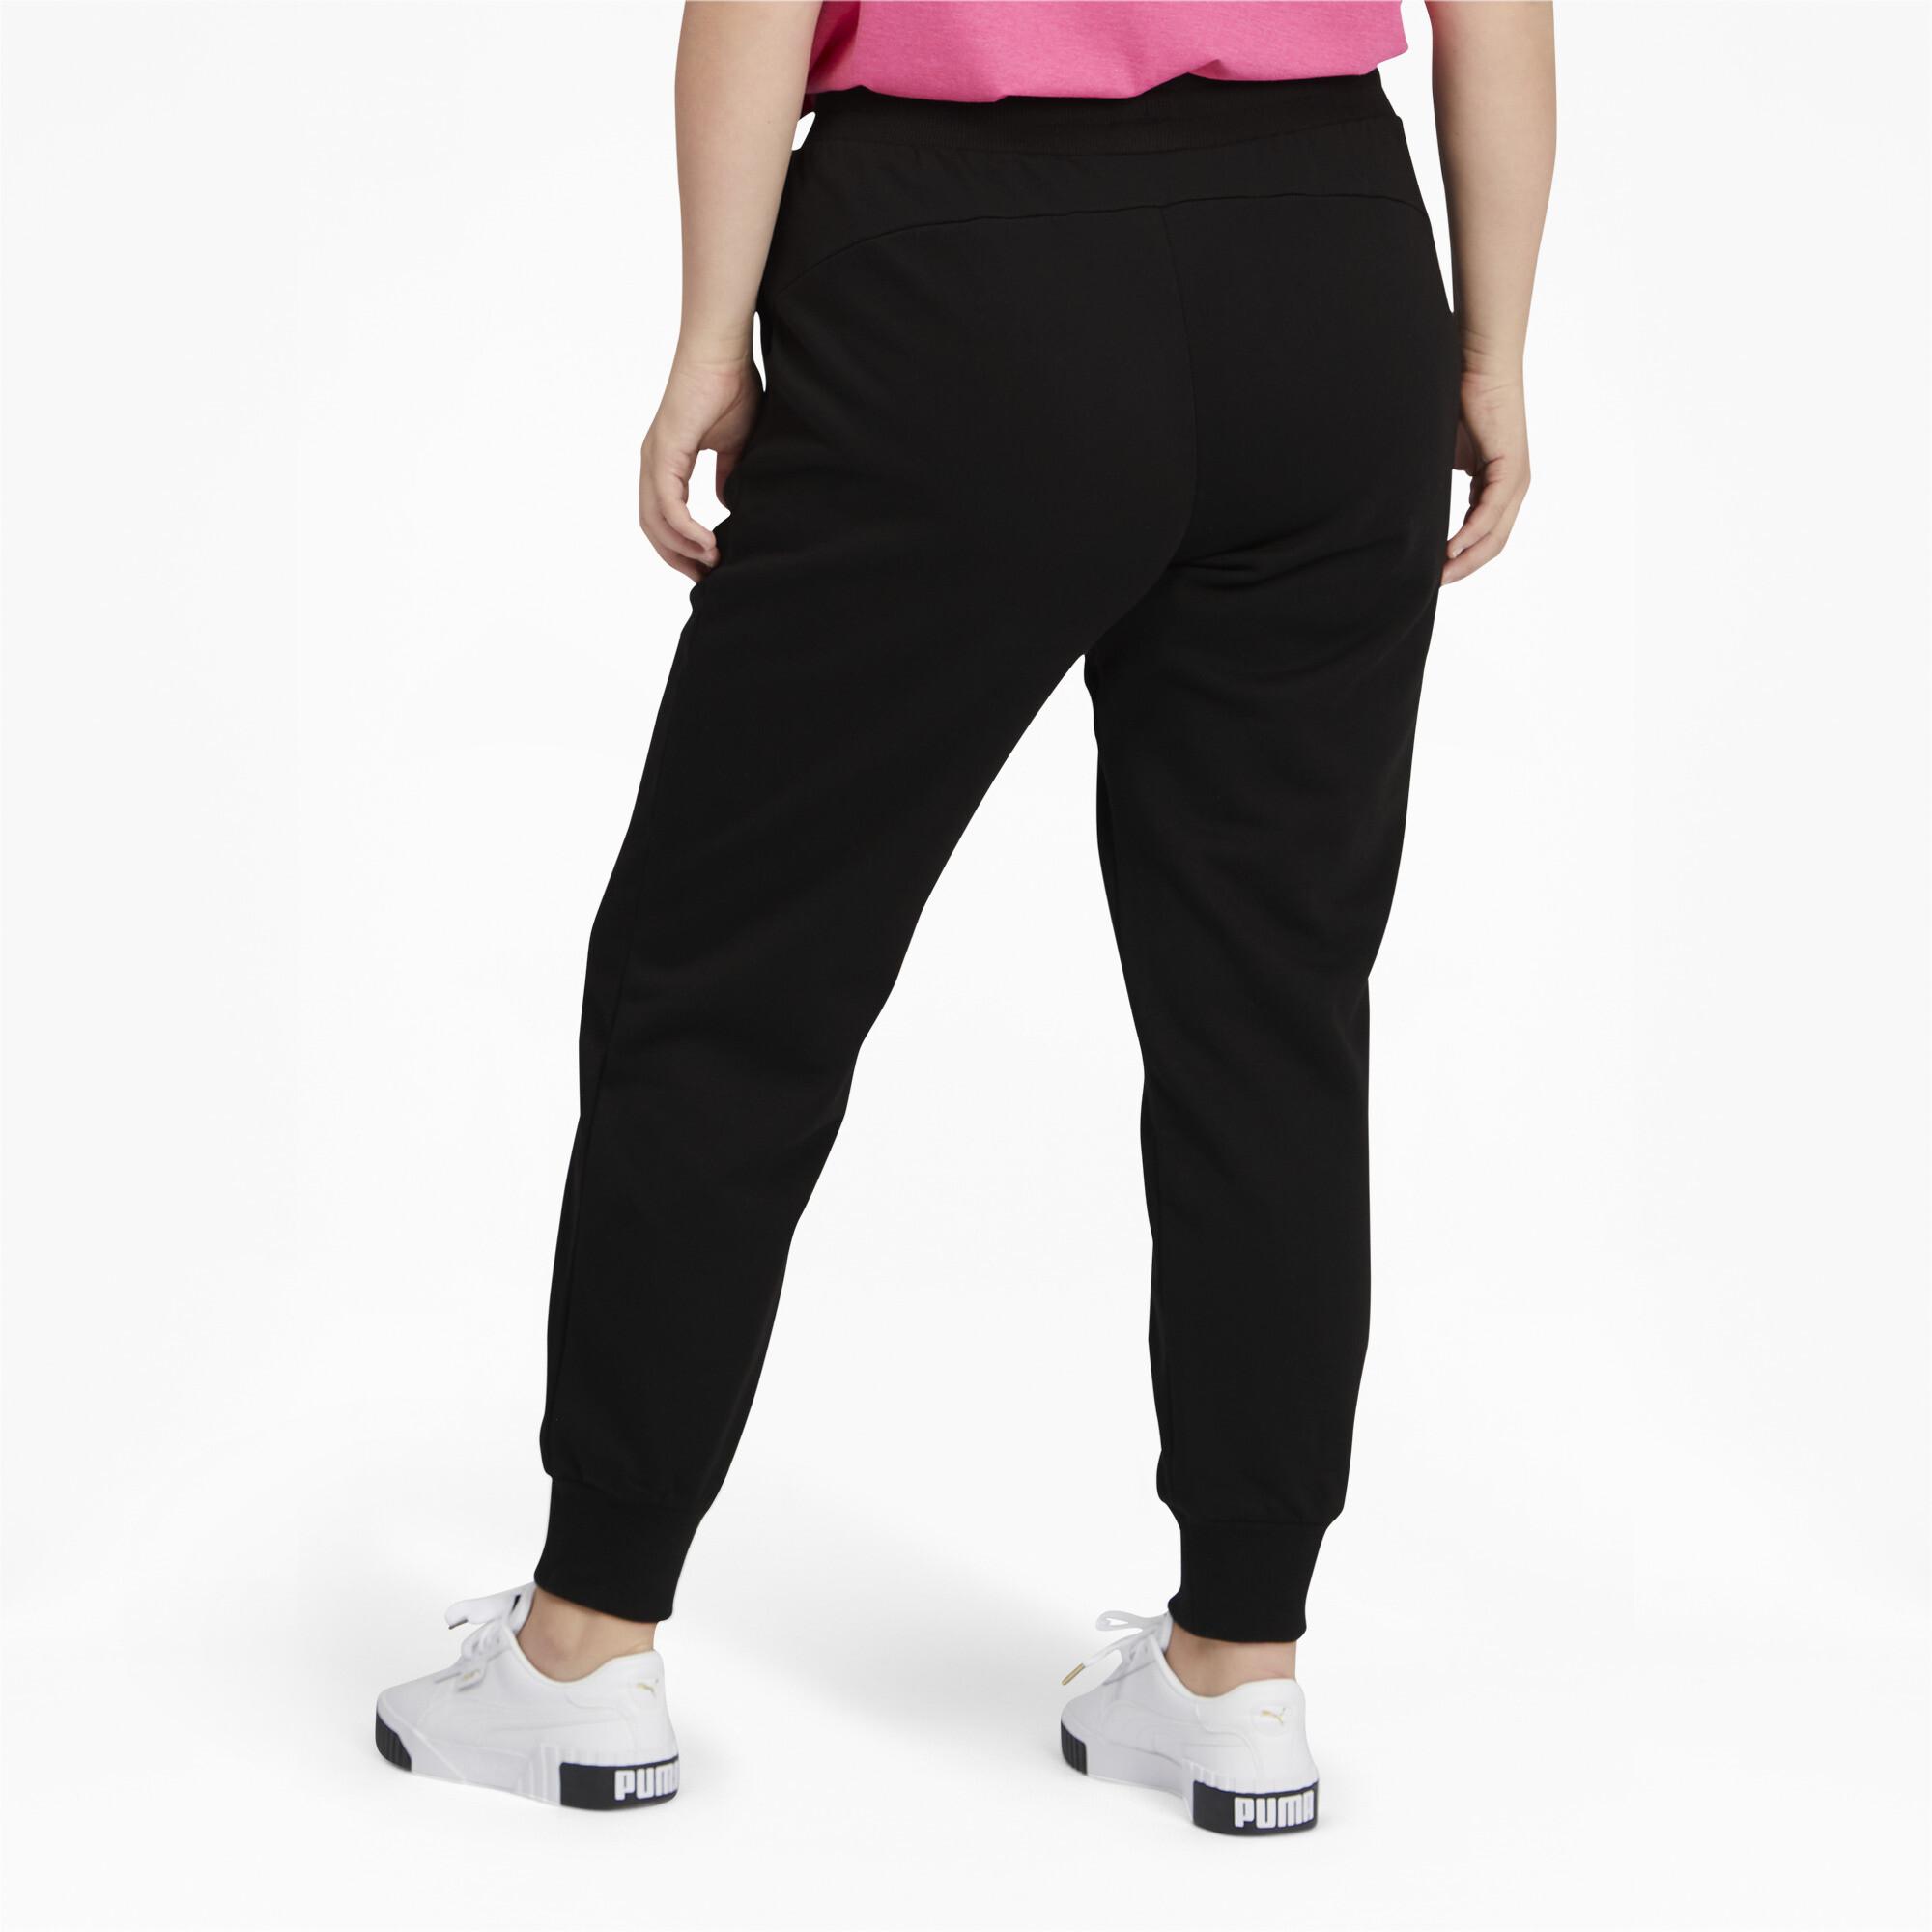 thumbnail 6 - Puma Women's Essentials Sweatpants PL